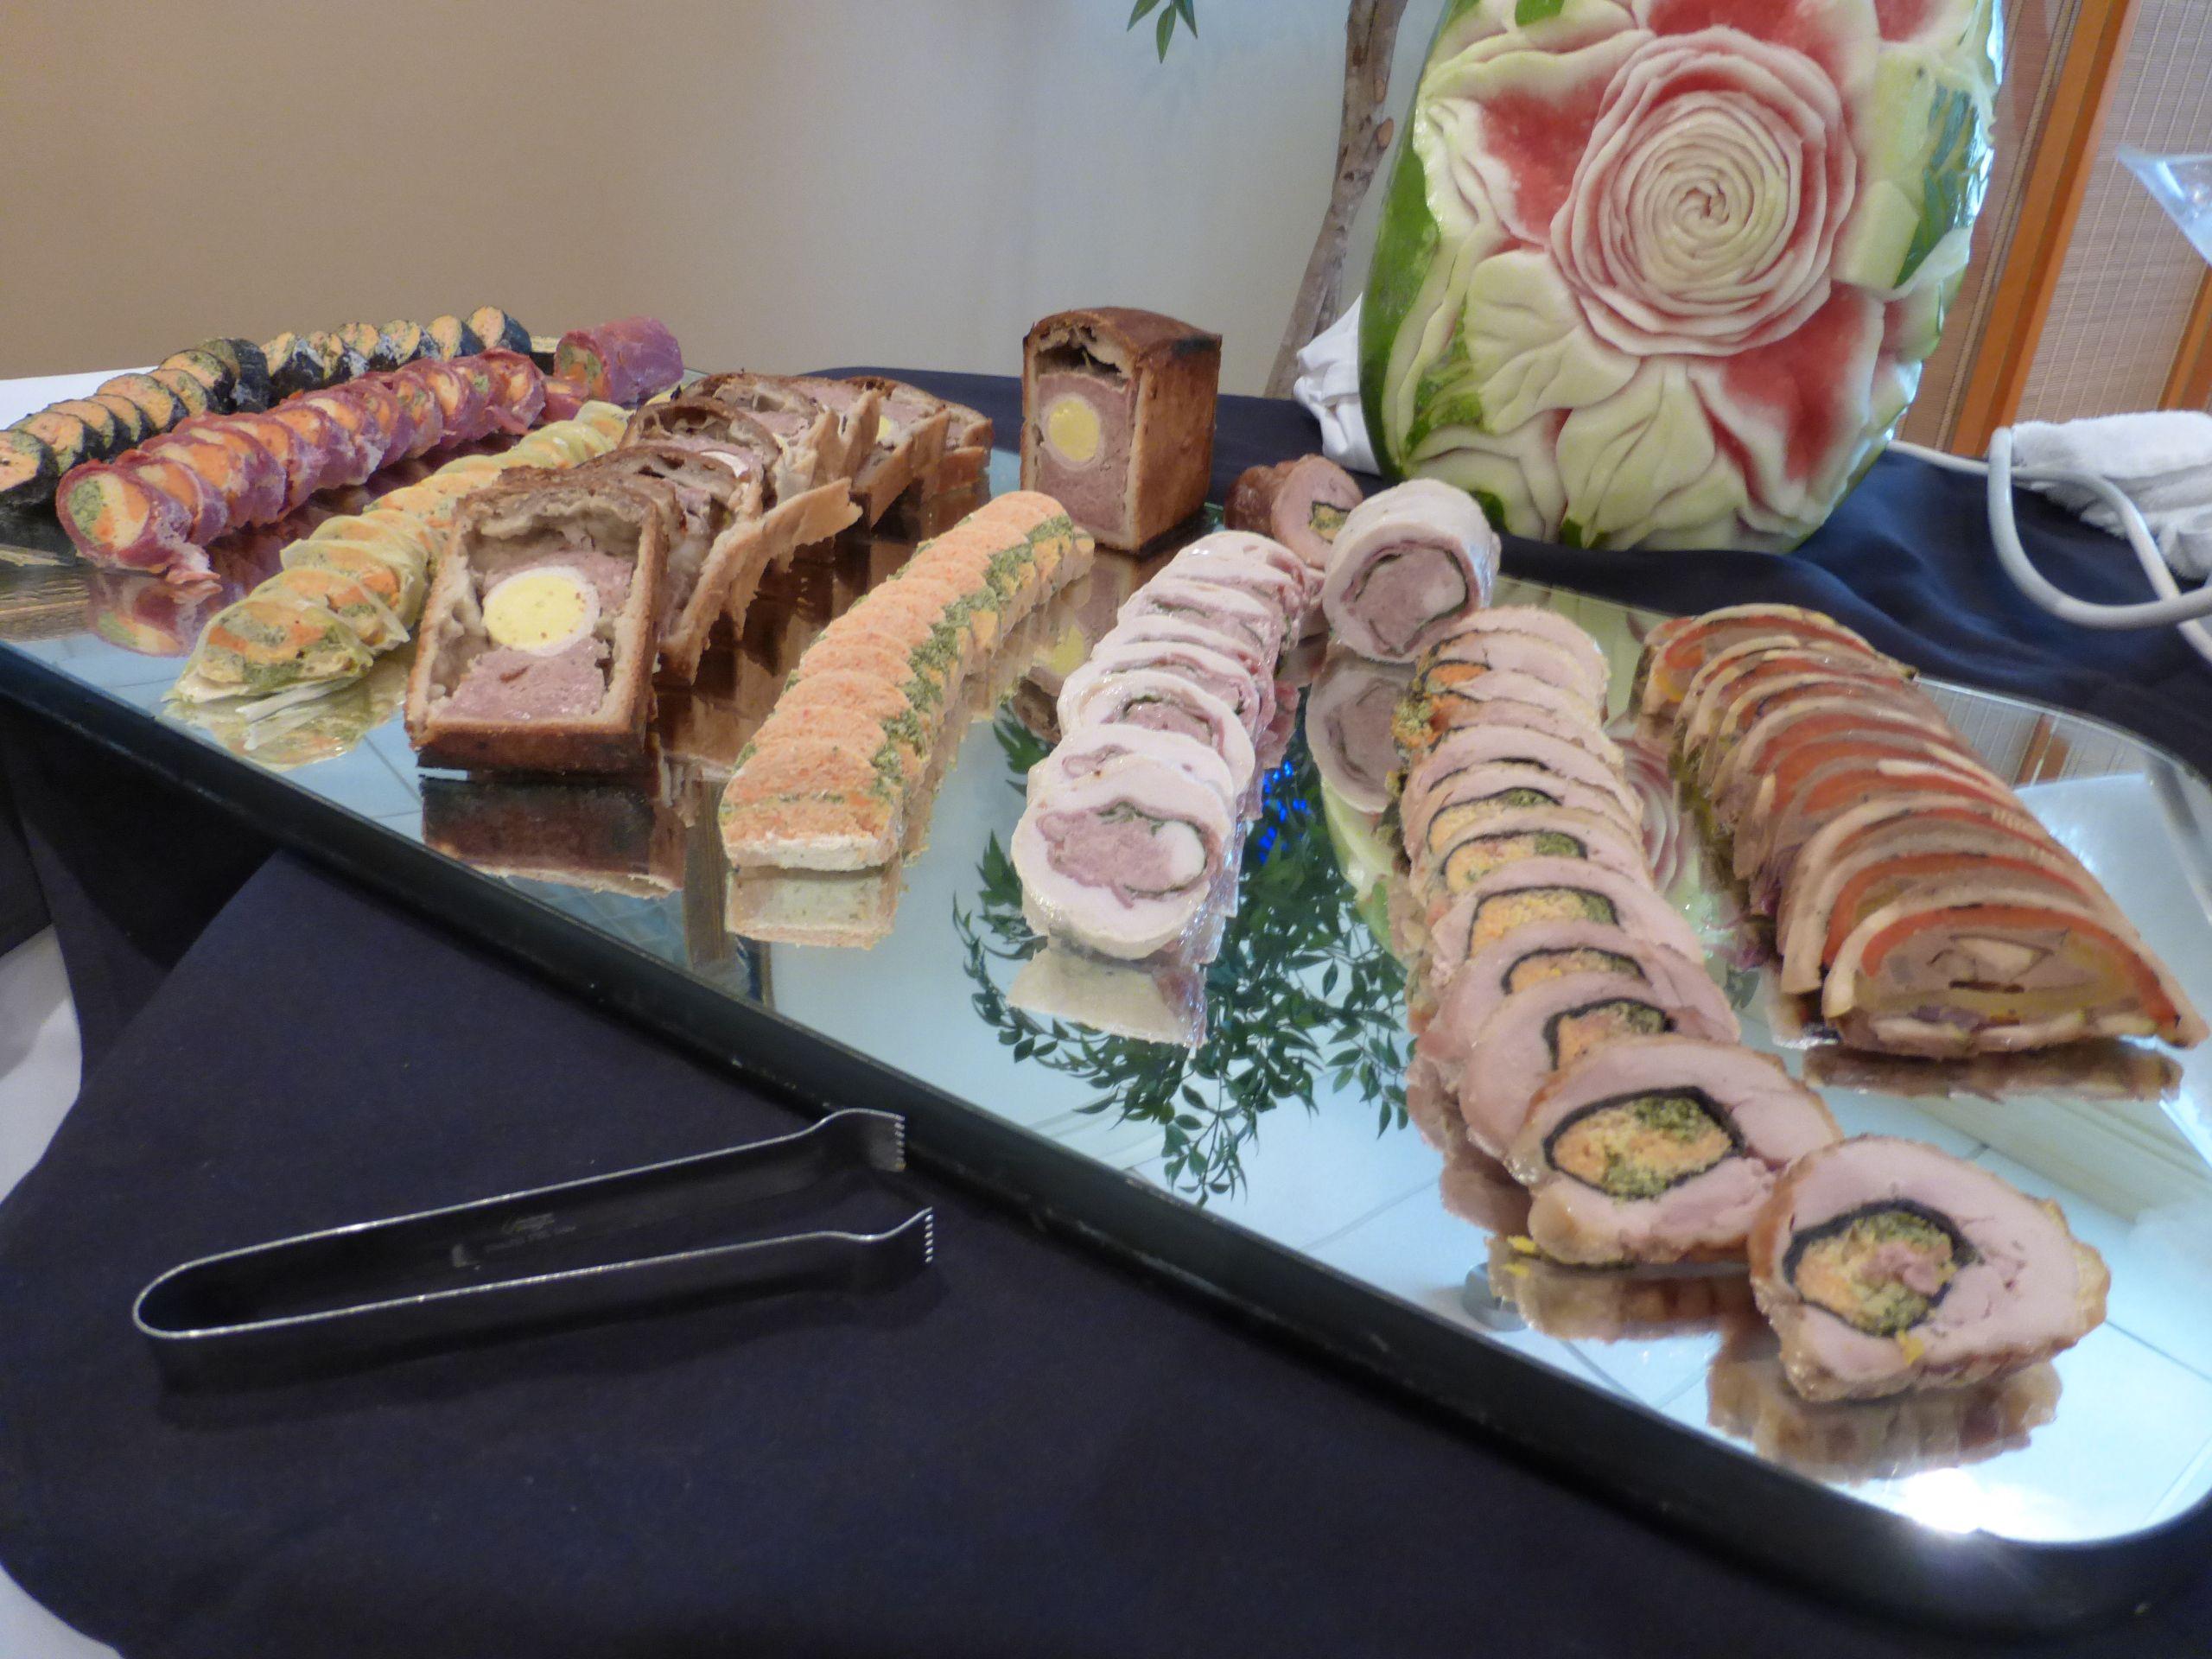 civ garde manger grande buffet 2013 garde manger pinterest food art food and recipes. Black Bedroom Furniture Sets. Home Design Ideas